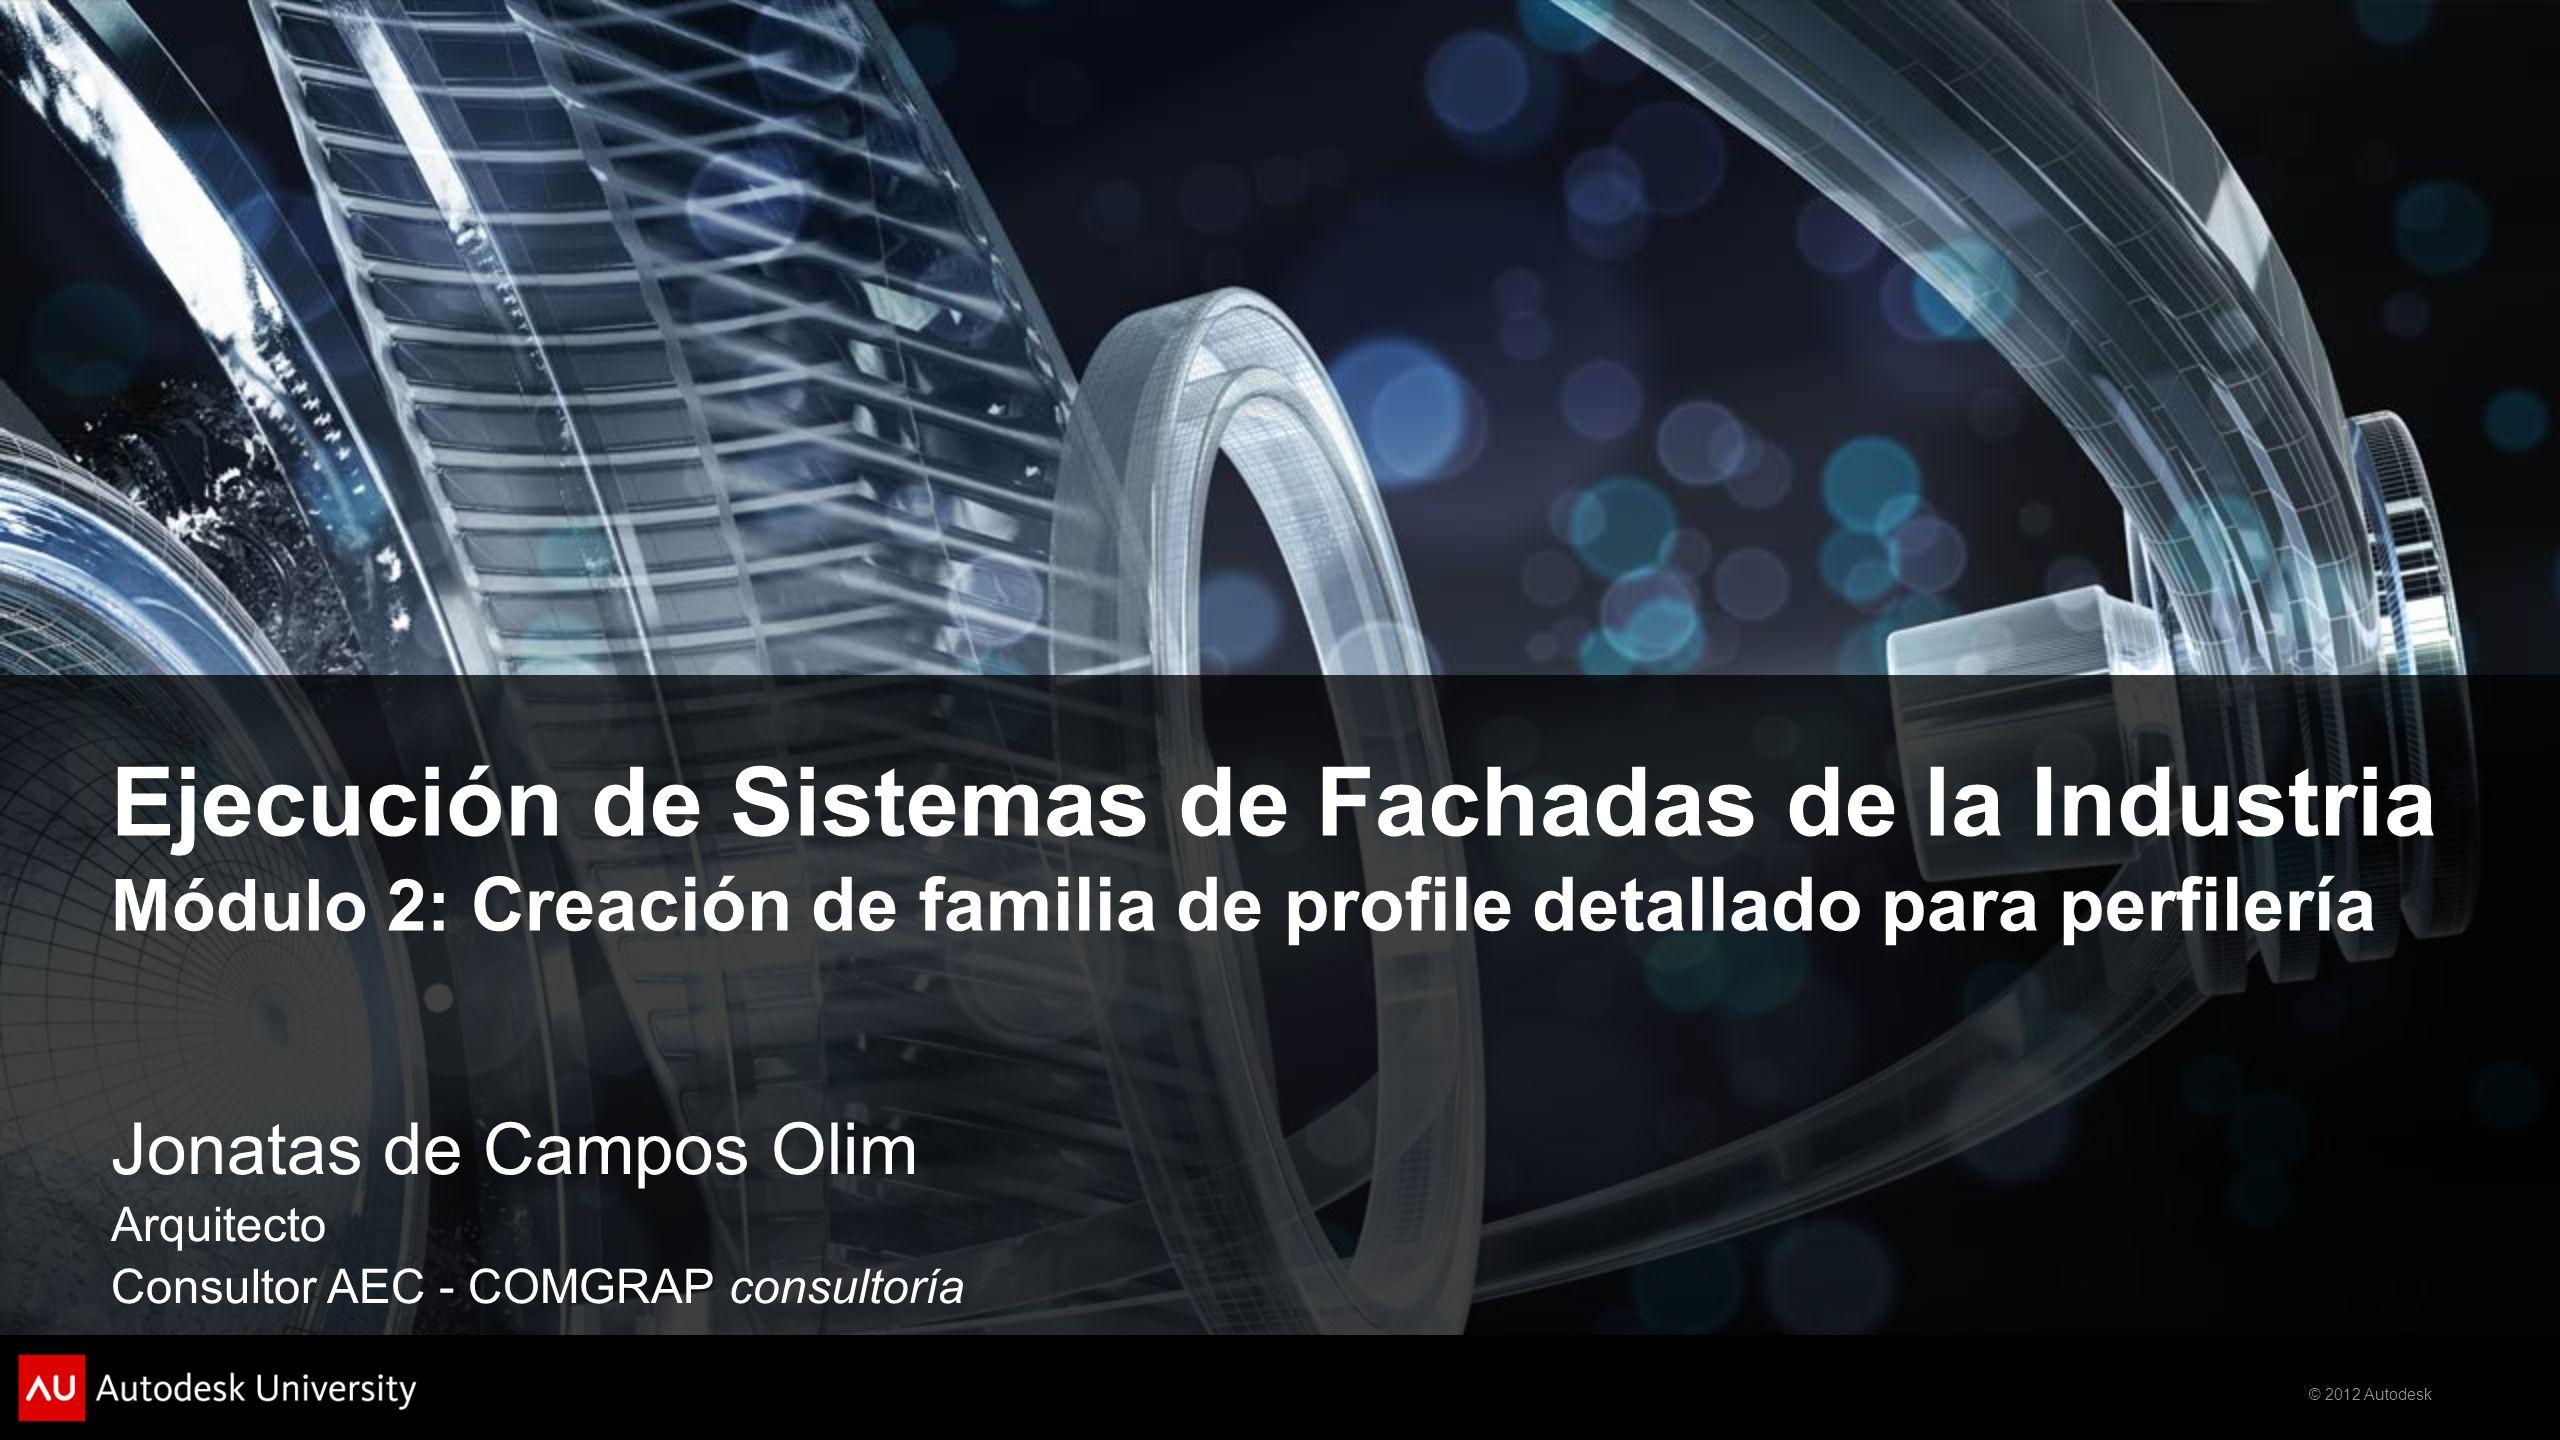 Ejecución de Sistemas de Fachadas de la Industria Módulo 2: Creación de familia de profile detallado para perfilería